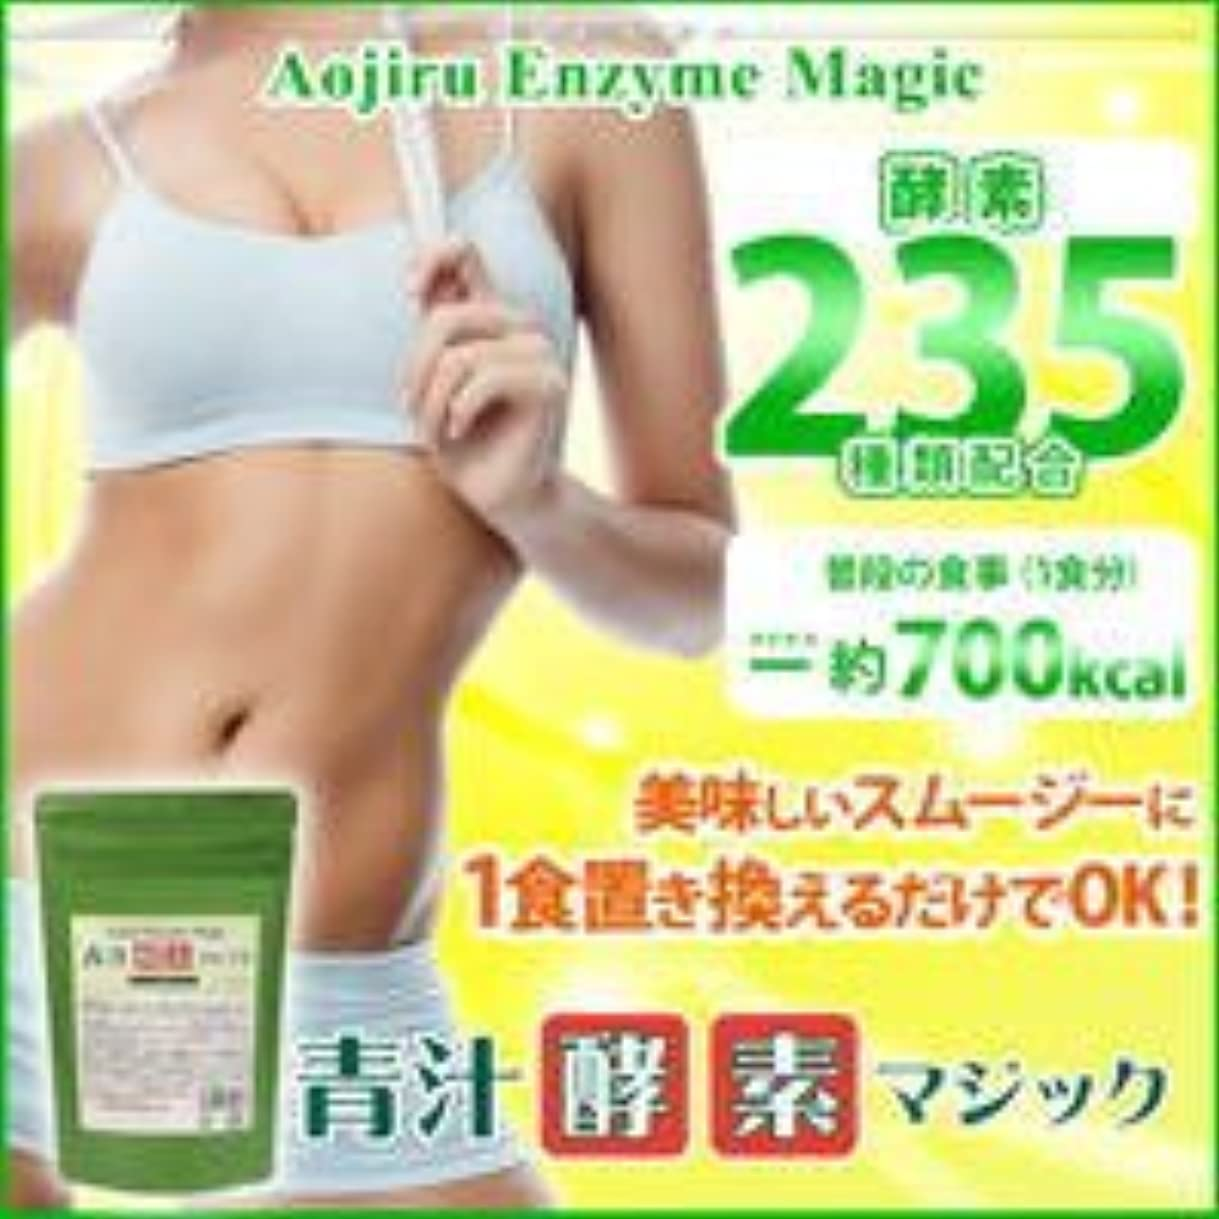 続編効率的に増強する【 ☆☆ 青汁酵素マジック 】美味しく健康に1食置き換えてダイエット!続かないダイエットなんてさようなら!